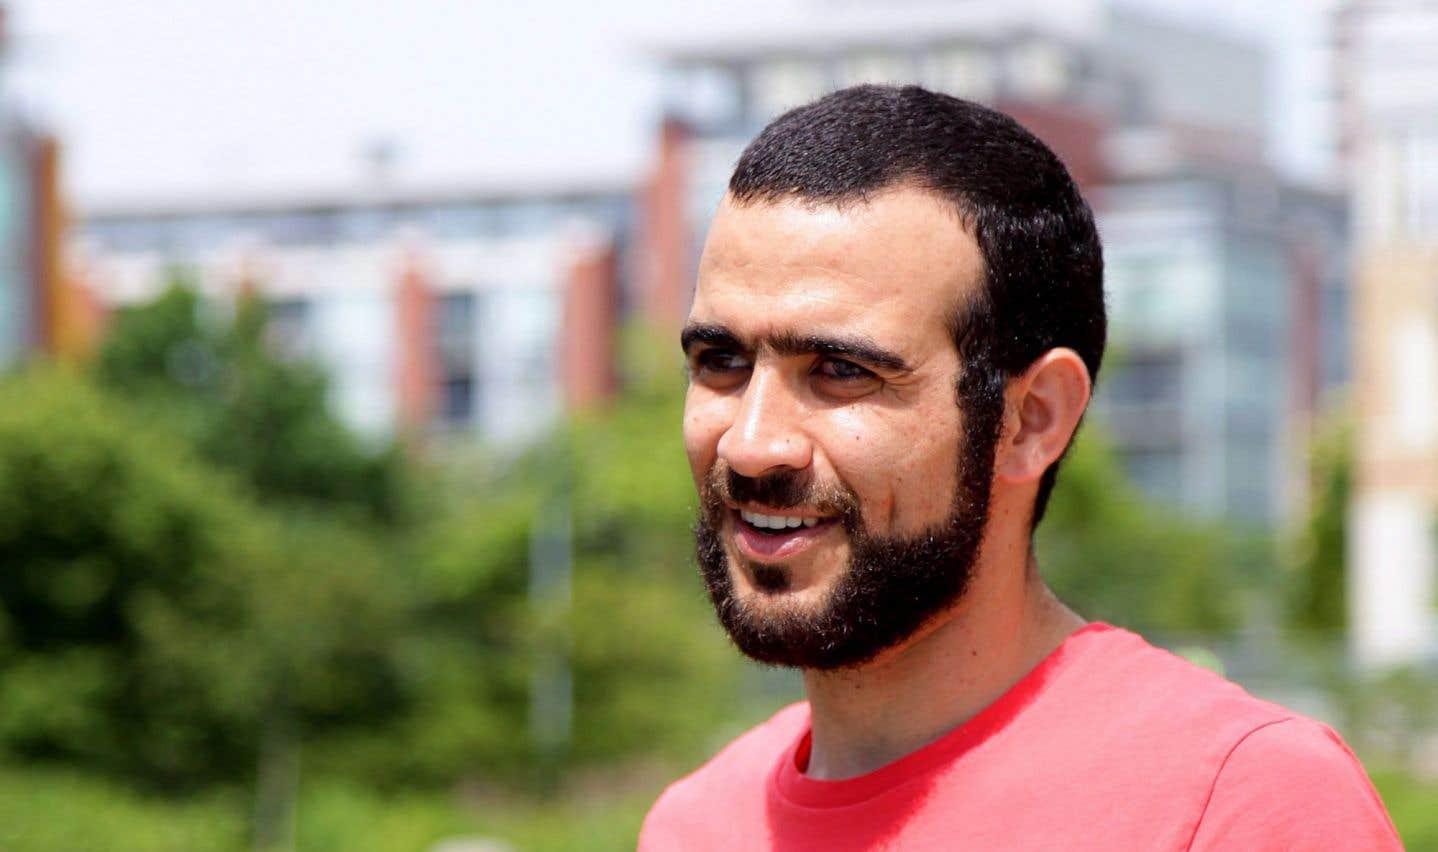 Ottawa: manifestation prévue contre la compensation versée à Omar Khadr